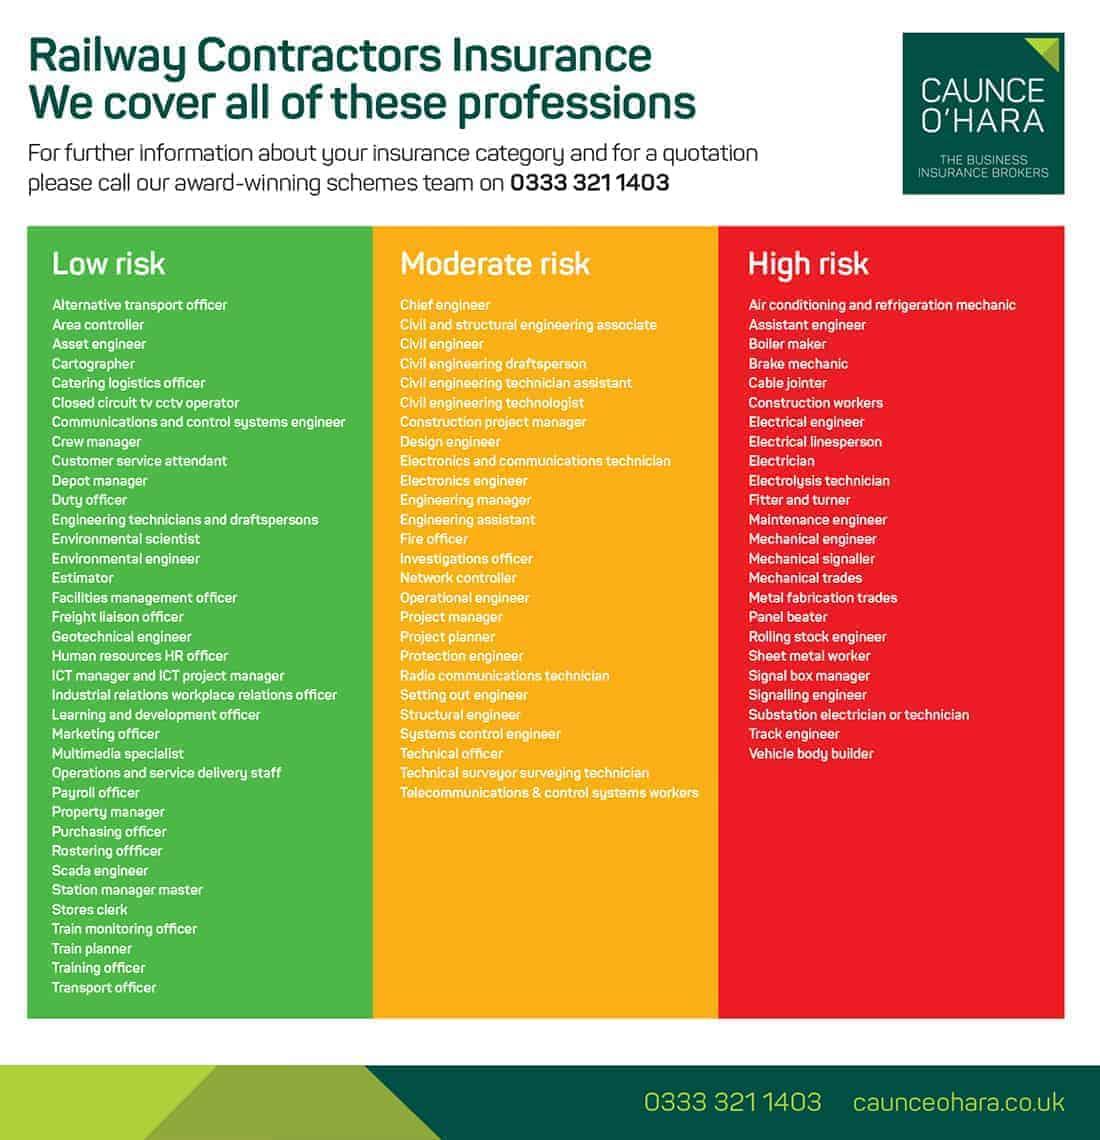 Railway Contractors Insurance